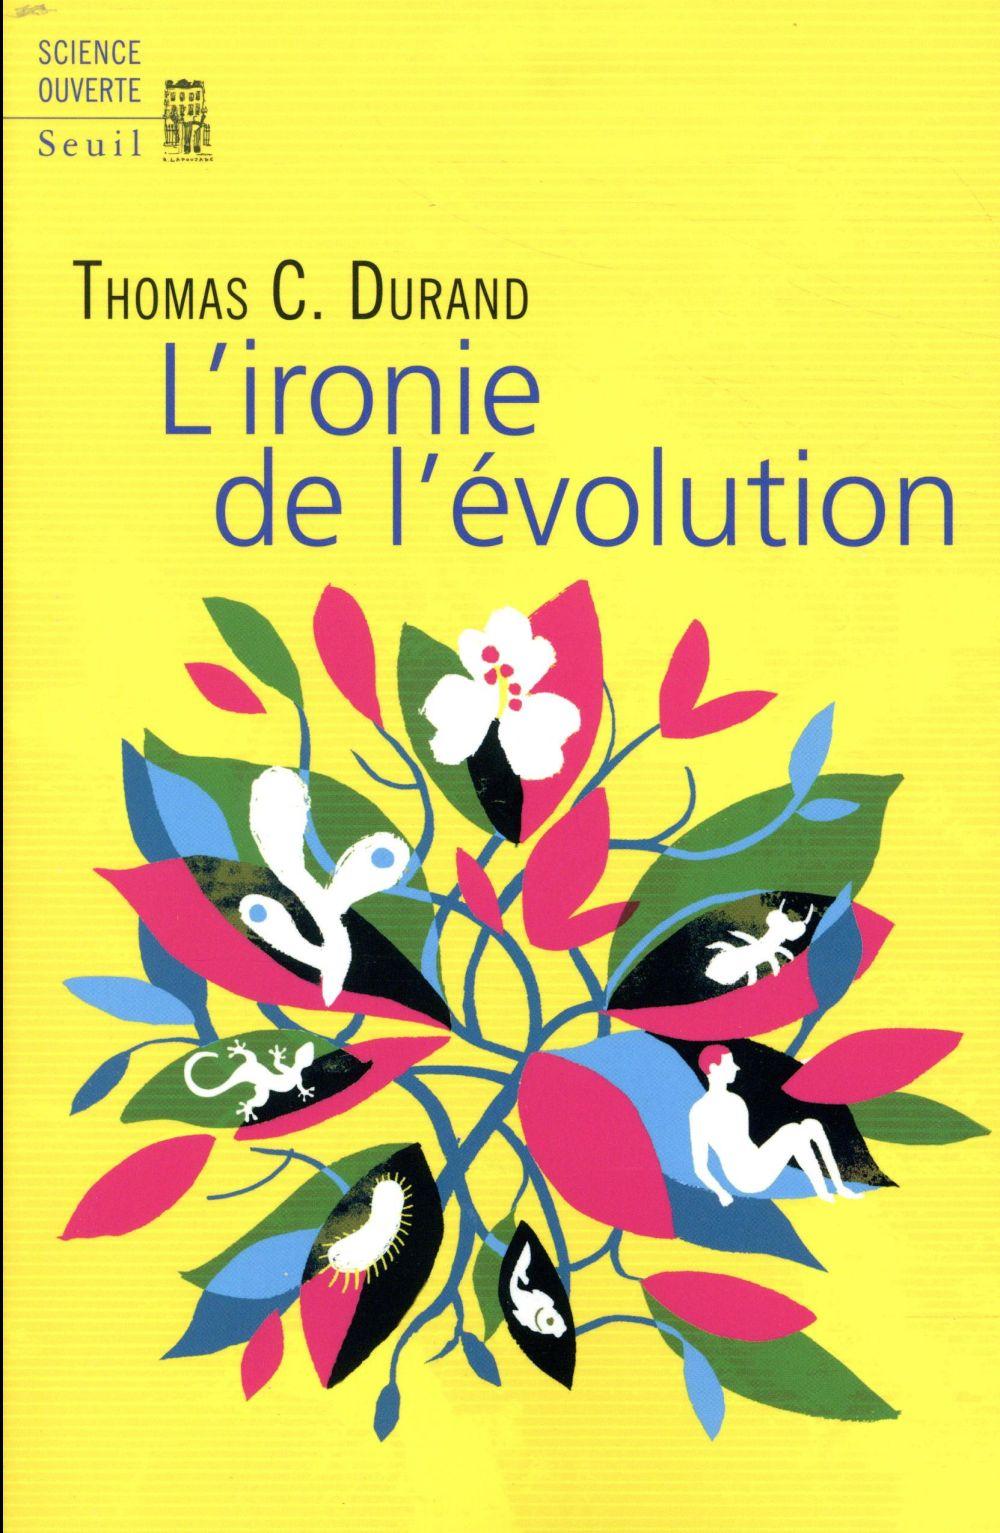 L'IRONIE DE L'EVOLUTION